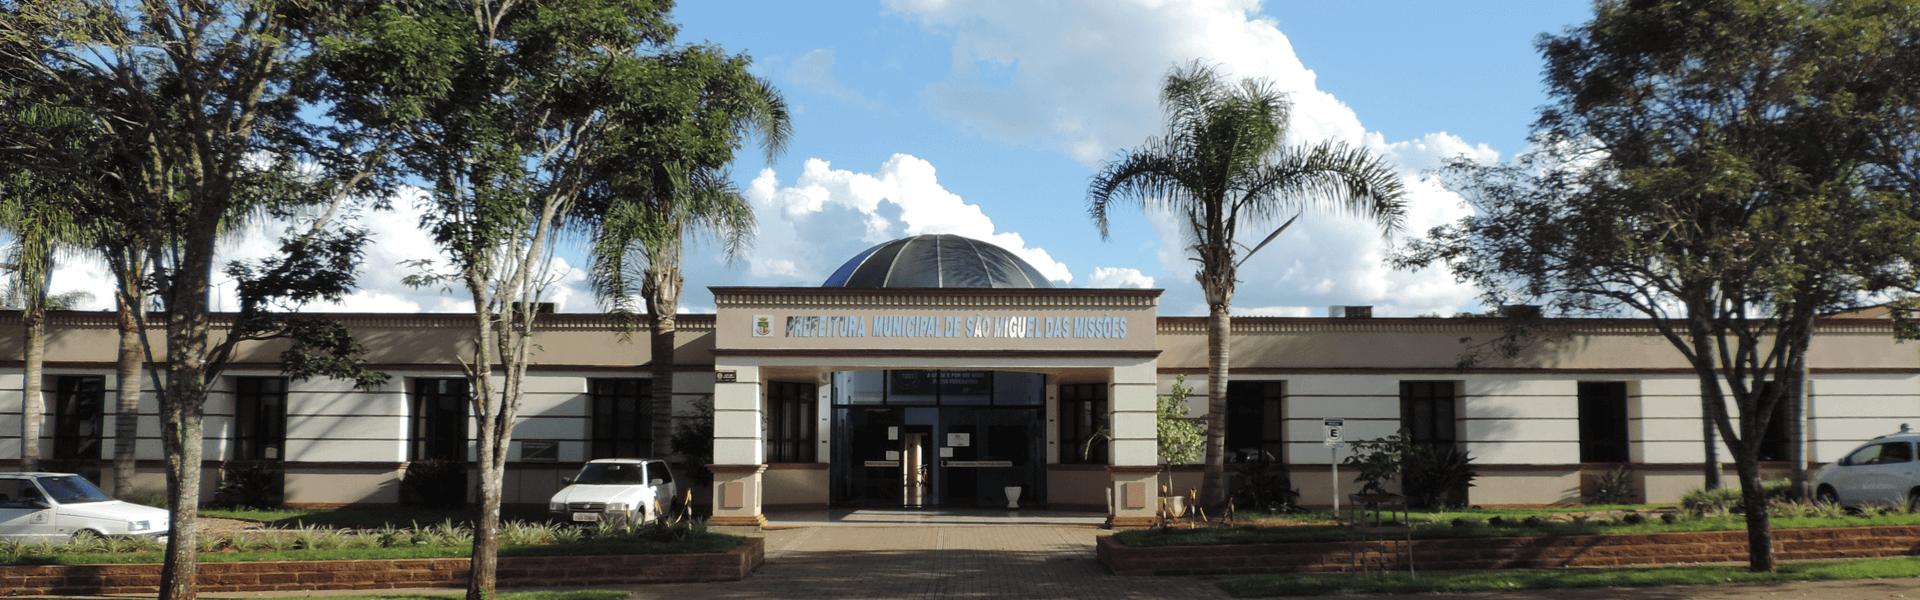 Prefeitura Municipal de São Miguel das Missões - RS